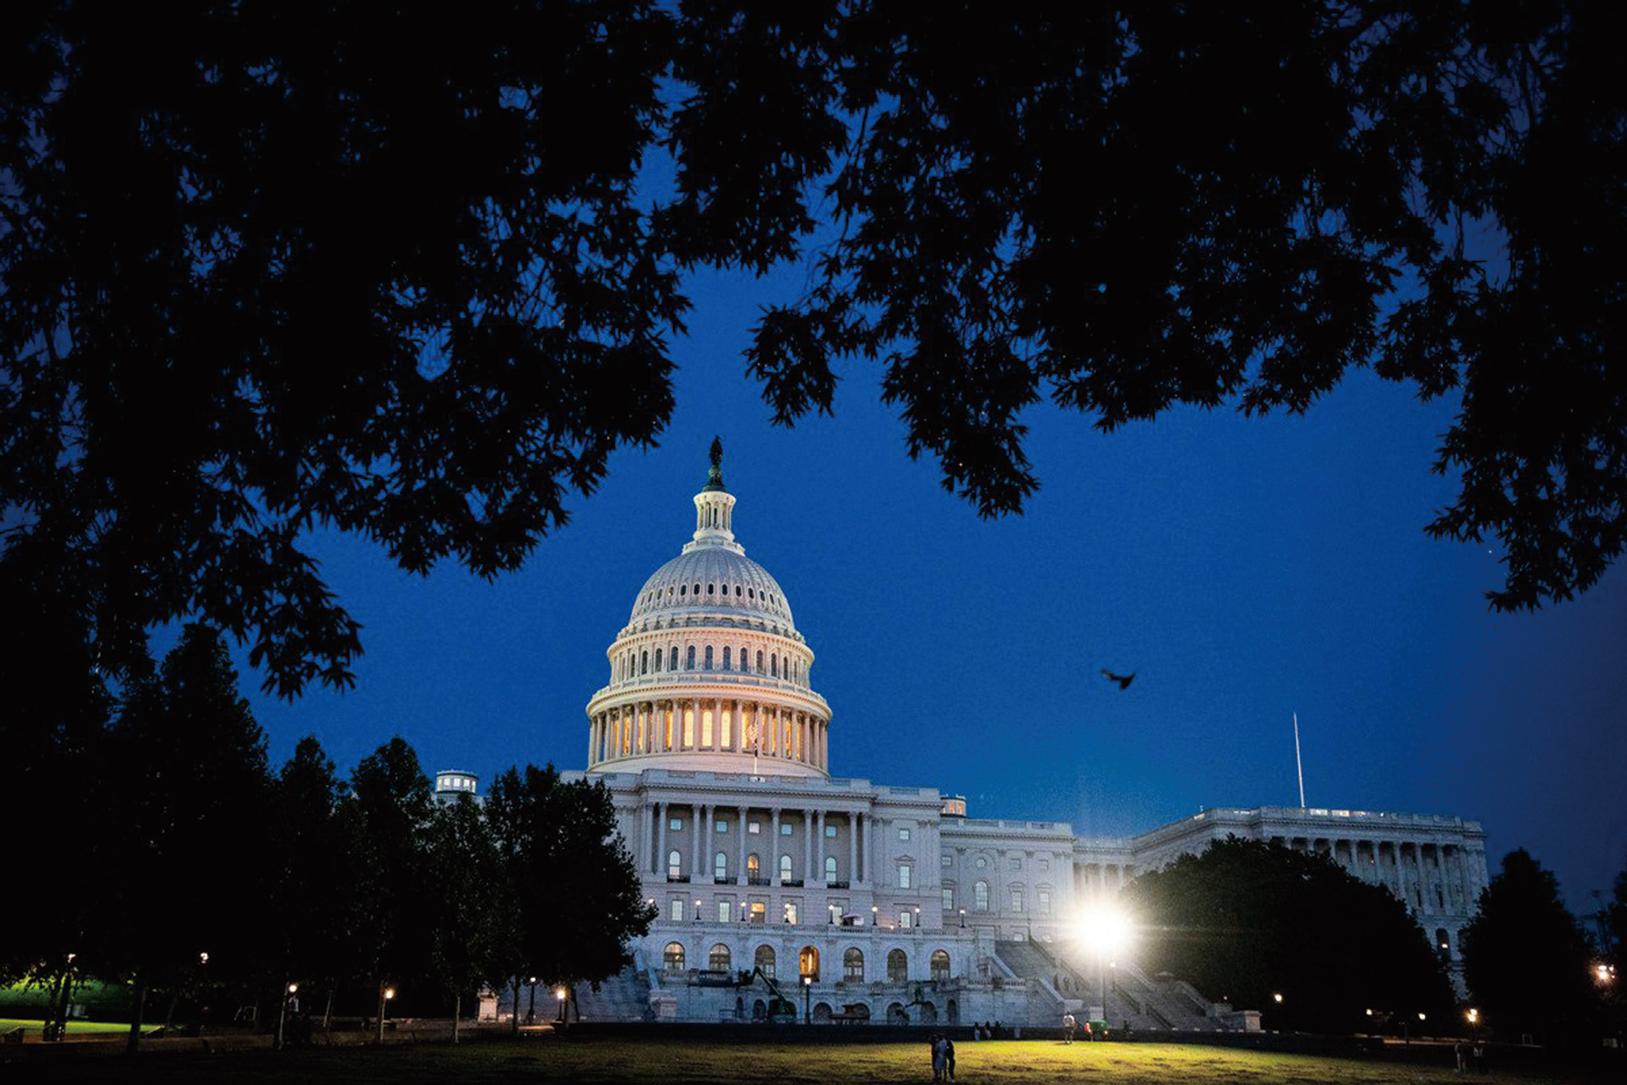 2021年9月21日晚間,美國眾議院通過了一項法案以防止政府關閉,並凍結債務上限至2022年底。圖為美國國會大樓。(Al Drago/Getty Images)